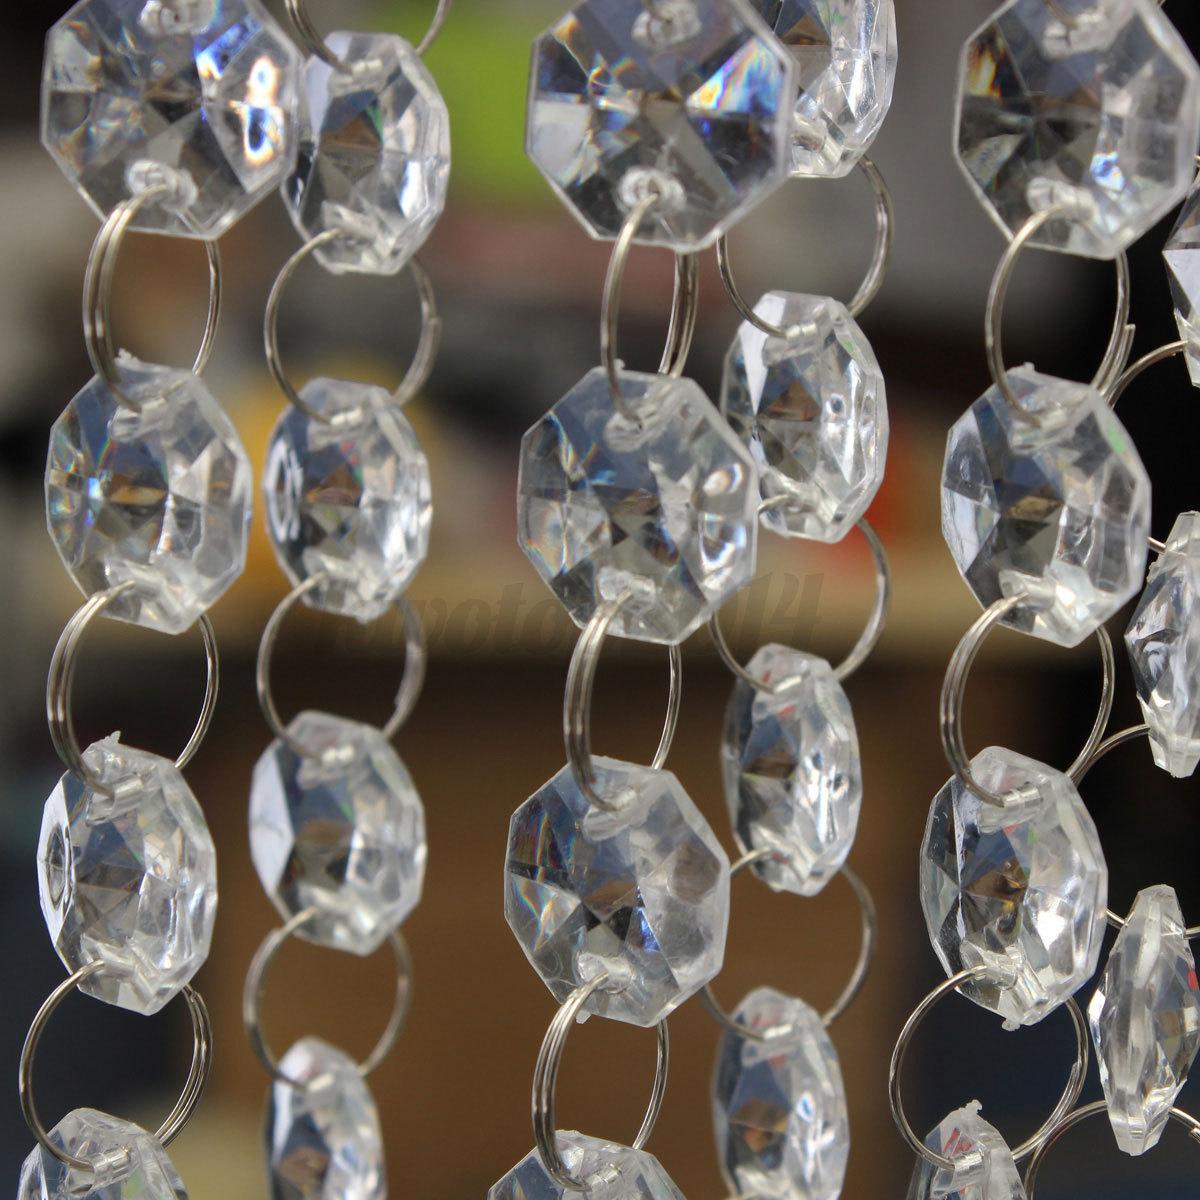 10m kristall kette perlenvorhang t r fenster hochzeit wohnung party deko diy p14 ebay. Black Bedroom Furniture Sets. Home Design Ideas